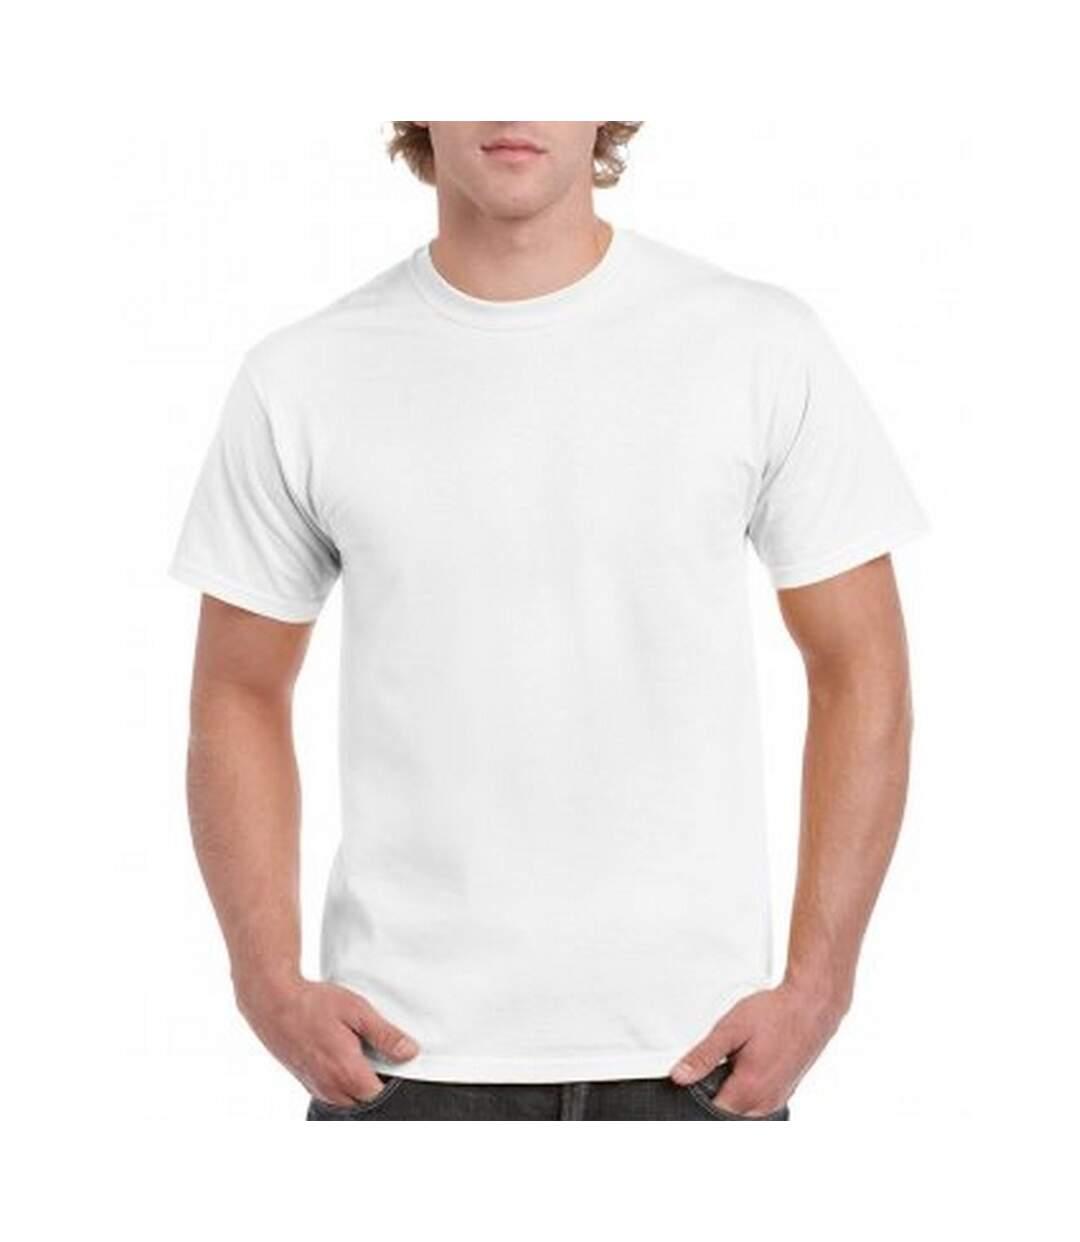 Gildan Mens Hammer Heavyweight T-Shirt (White) - UTPC3067